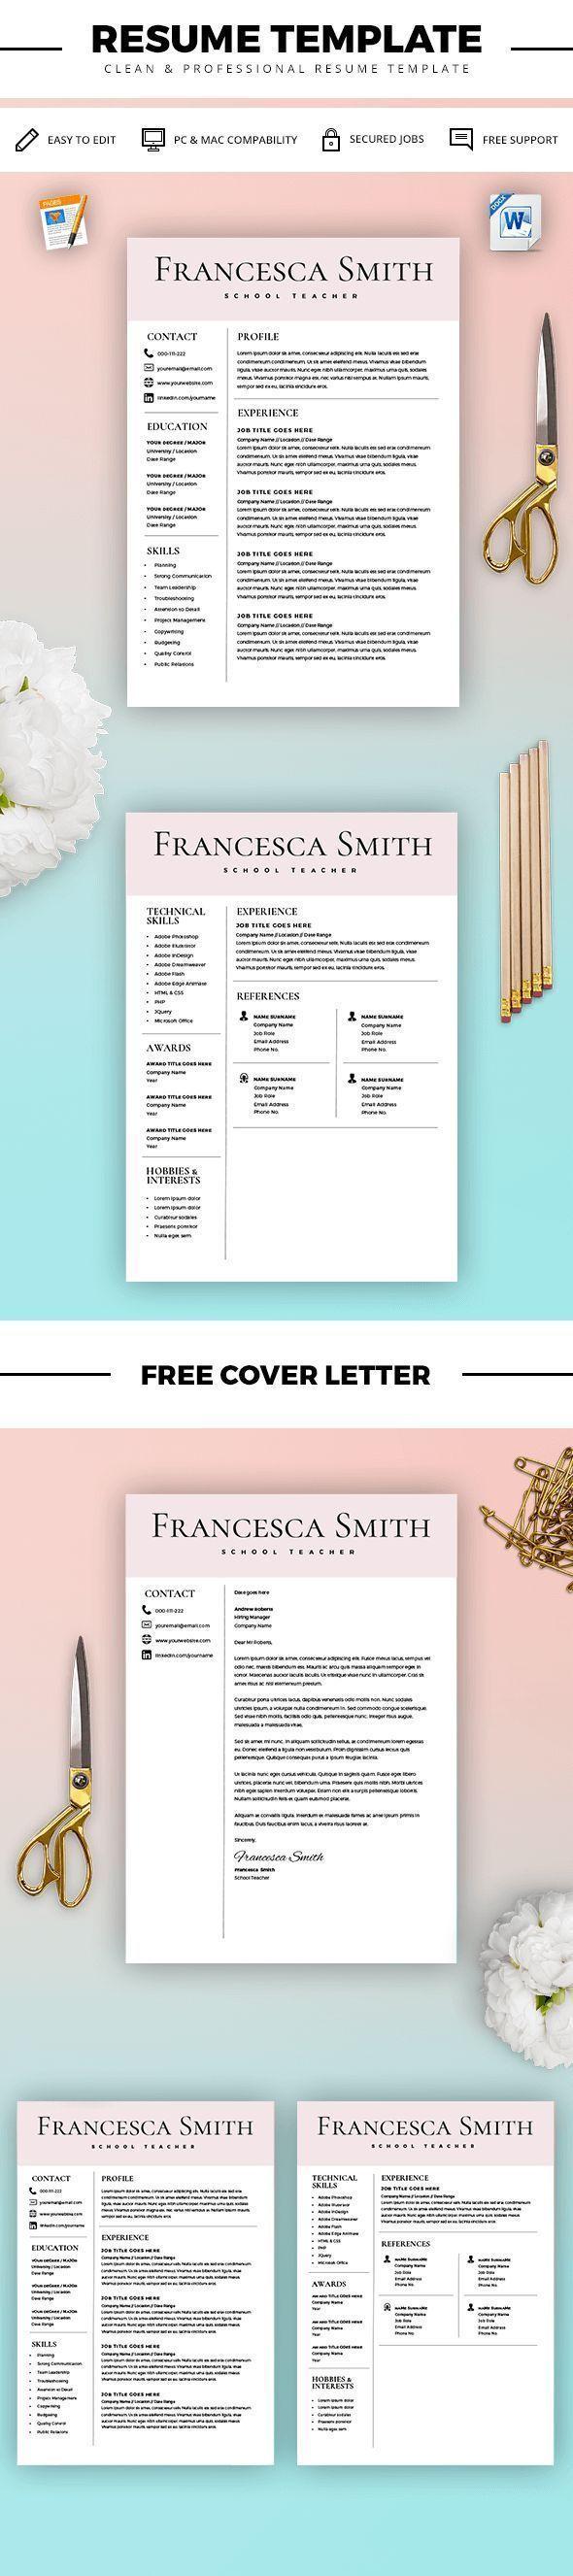 teacher resume template resume for teacher cover letter for teacher microsoft word mac - How To Get Resume Templates On Microsoft Word Mac